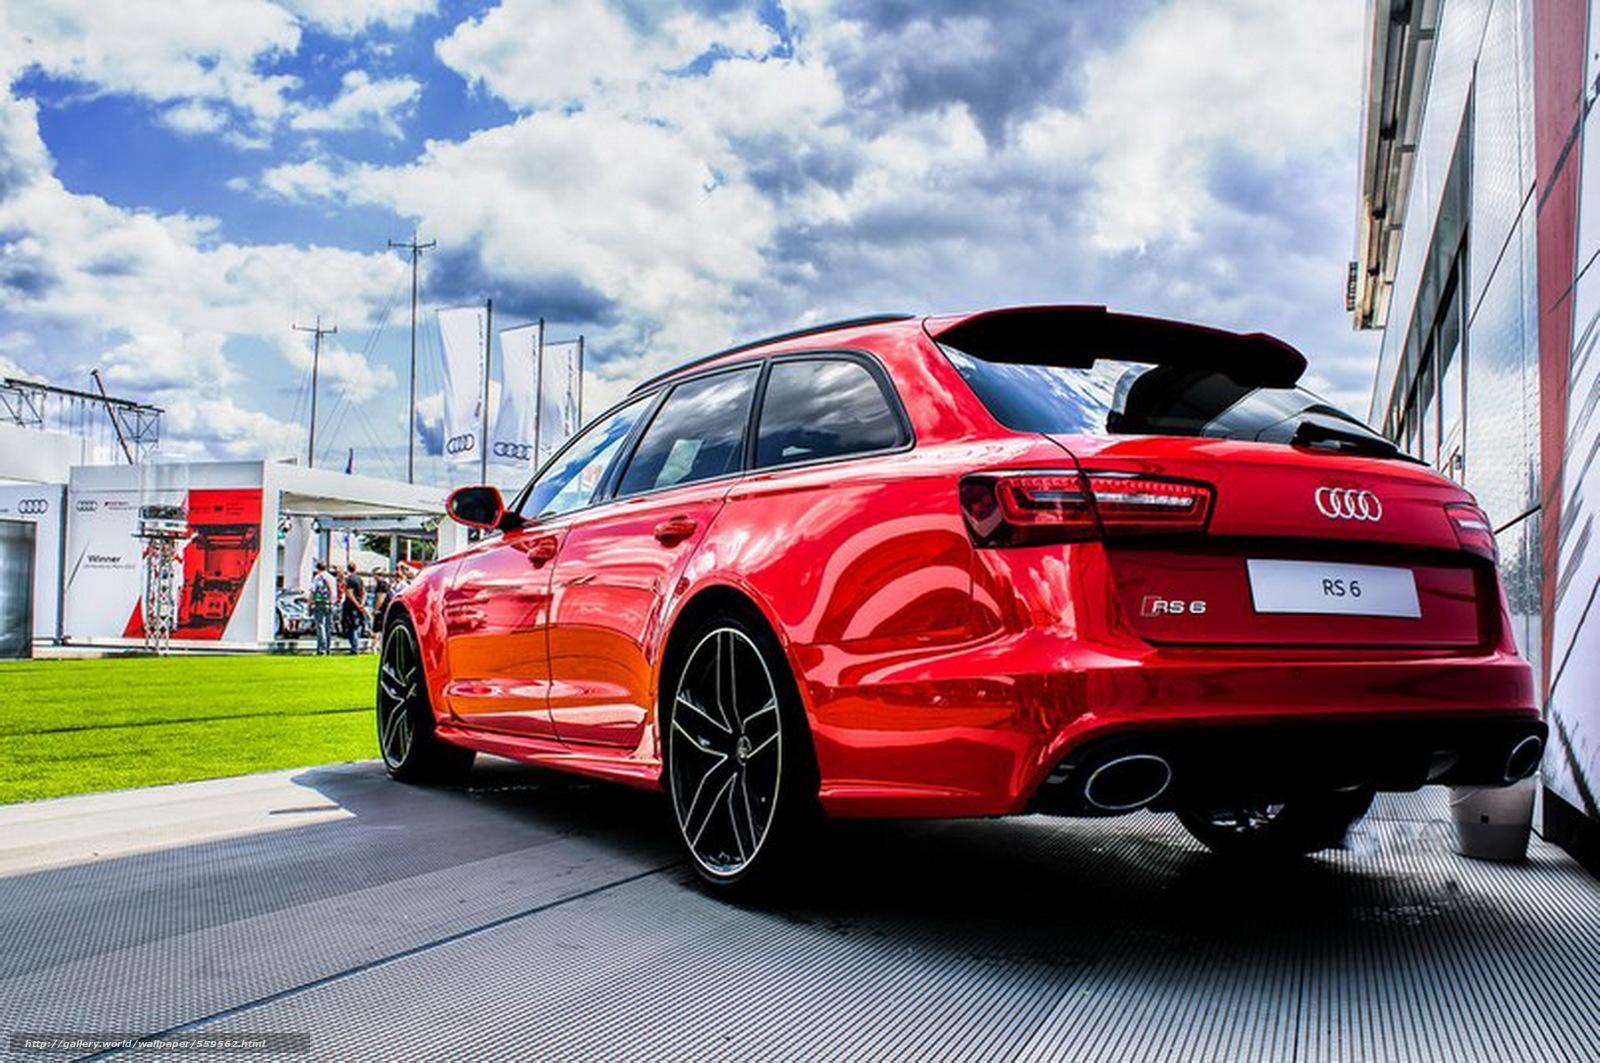 Tlcharger Fond D Ecran Audi Rs6 Audi Rouge Fonds D